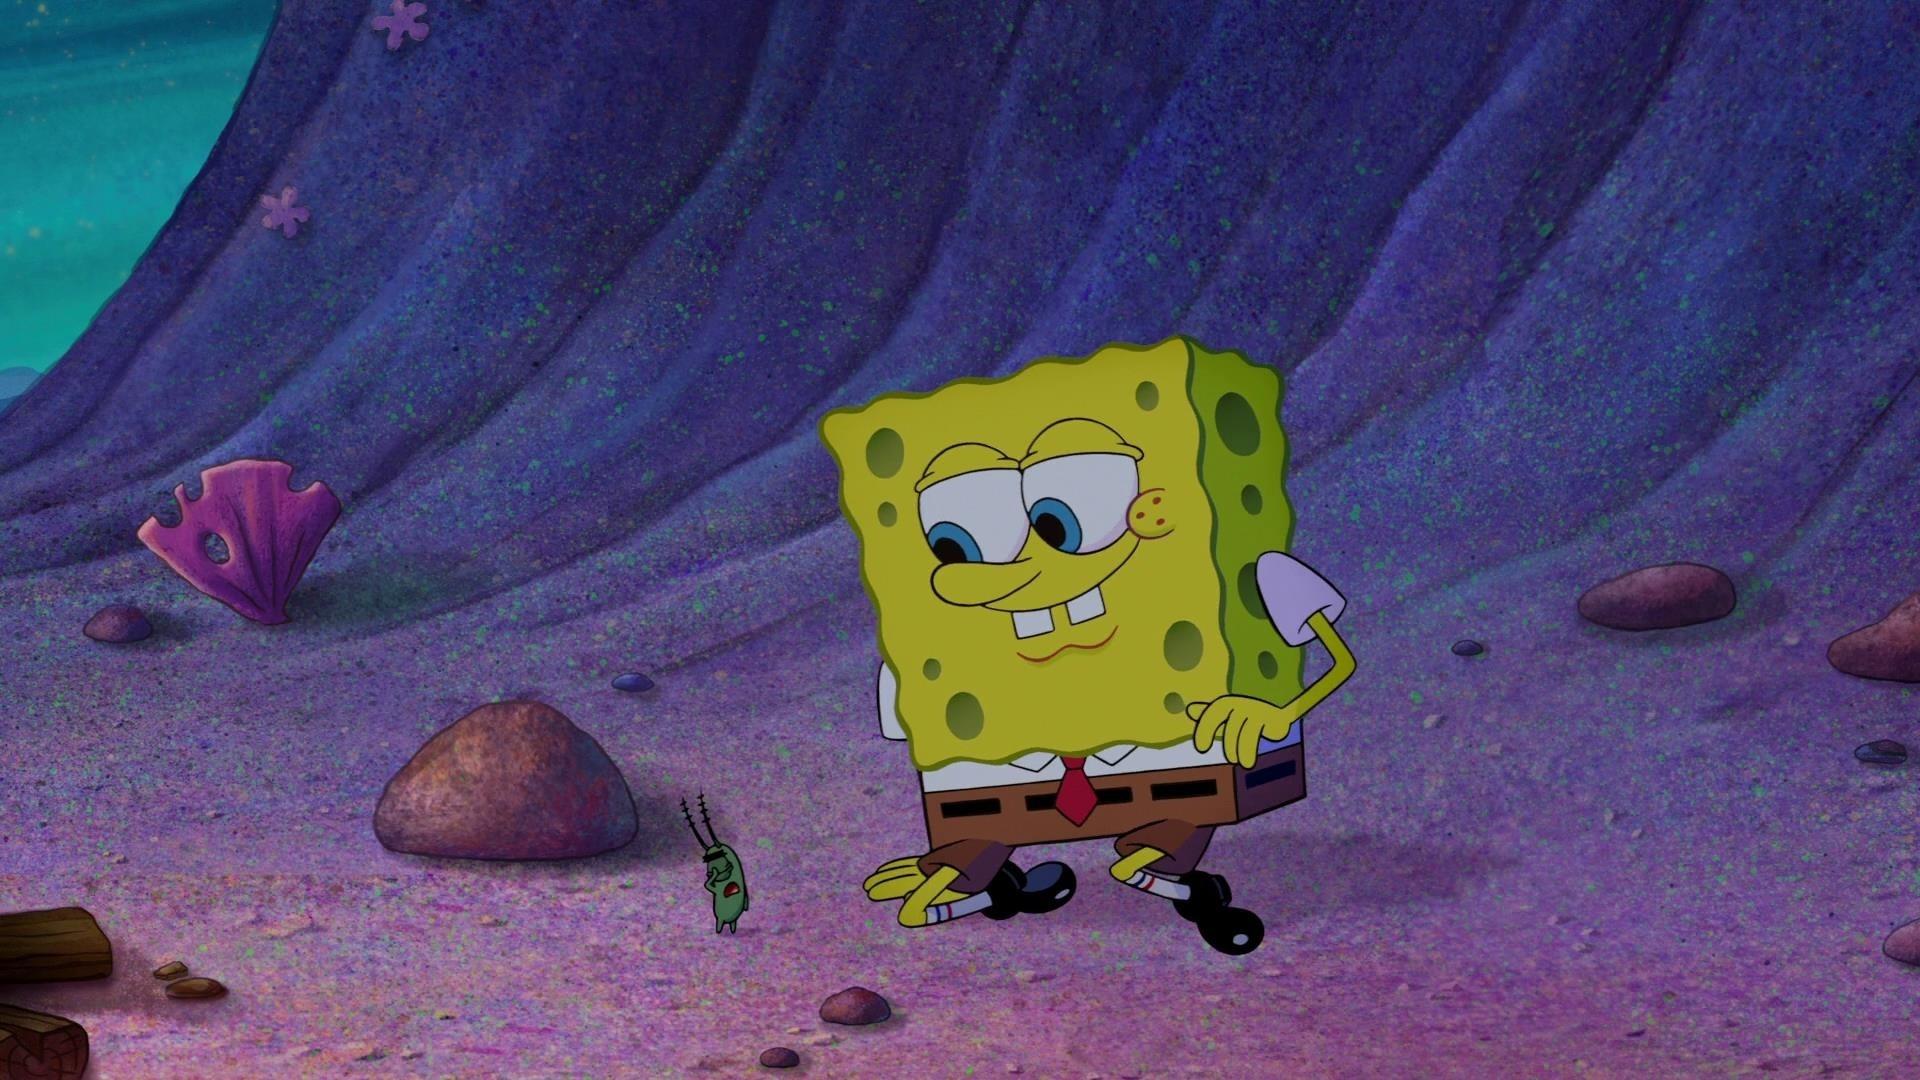 Spongebob And Patrick Wallpaper Full HD